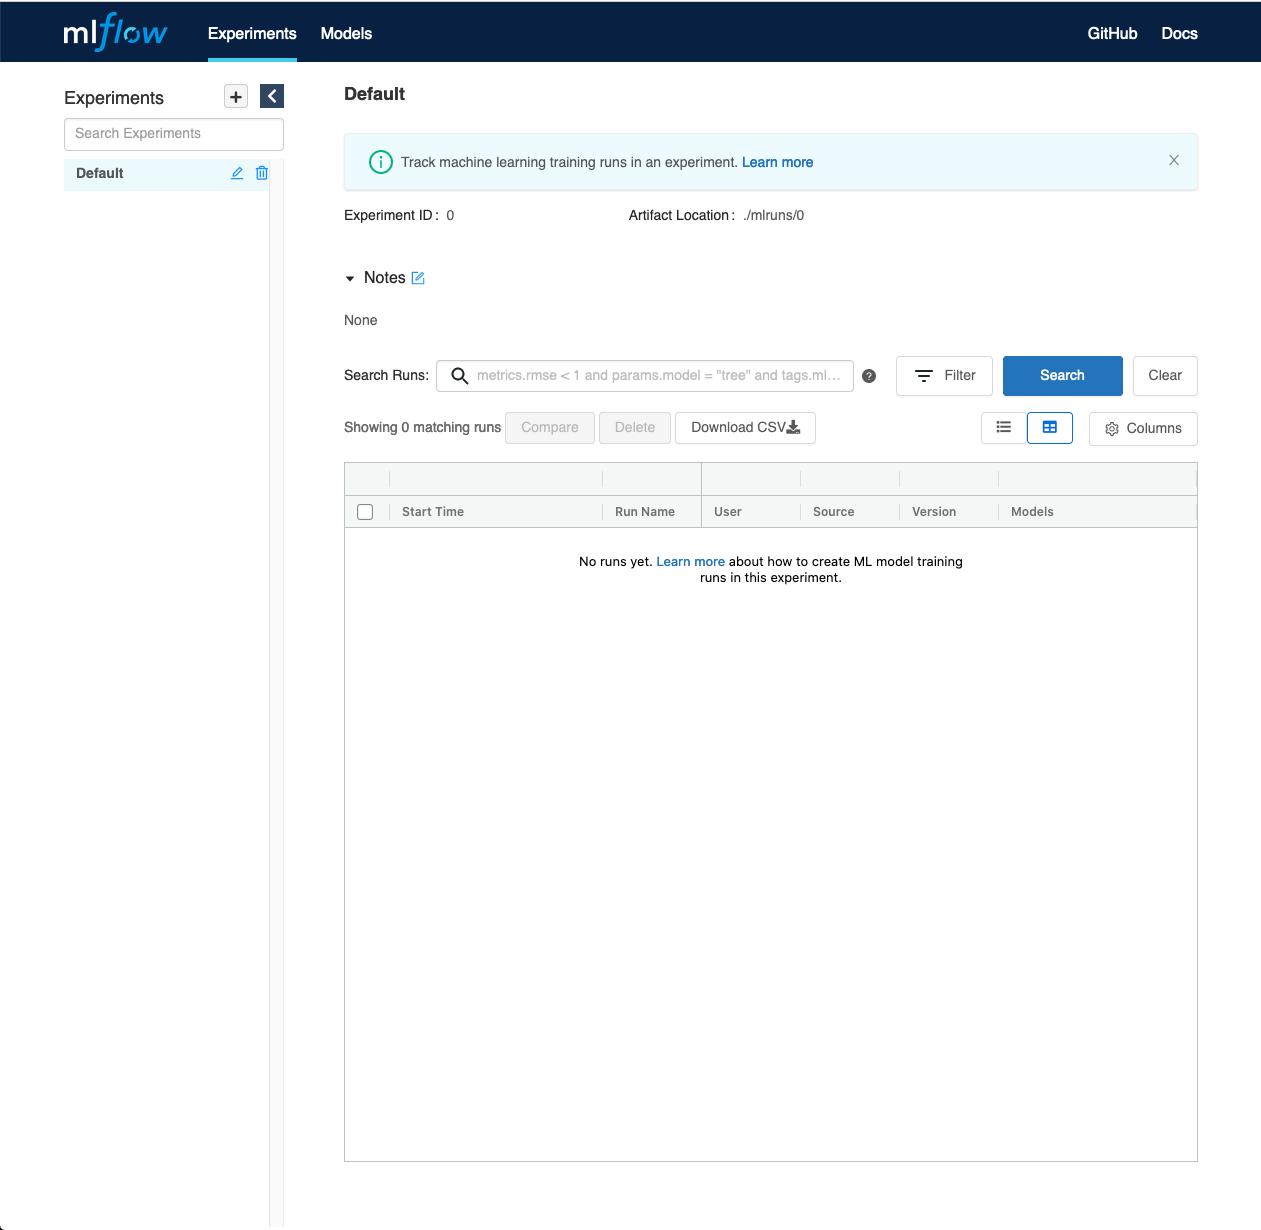 Ein Screenshot des MLFLow-Dashboards, der eine leere Tabelle mit Experimenten und Steuerelemente zum Filtern, Suchen oder Hinzufügen von Experimenten zeigt.